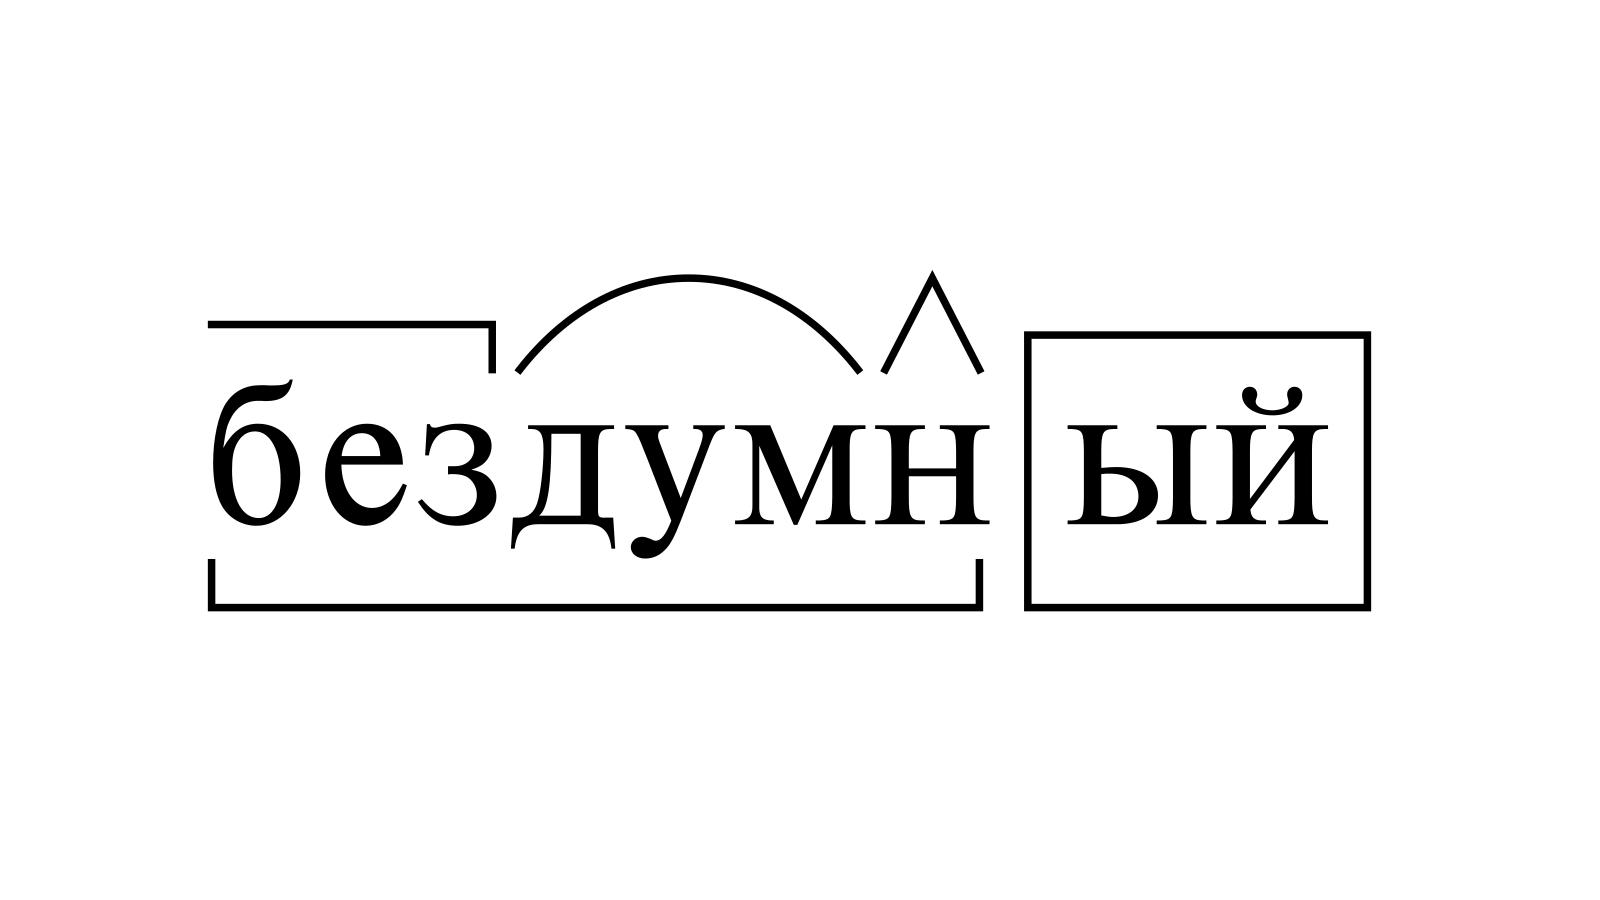 Разбор слова «бездумный» по составу